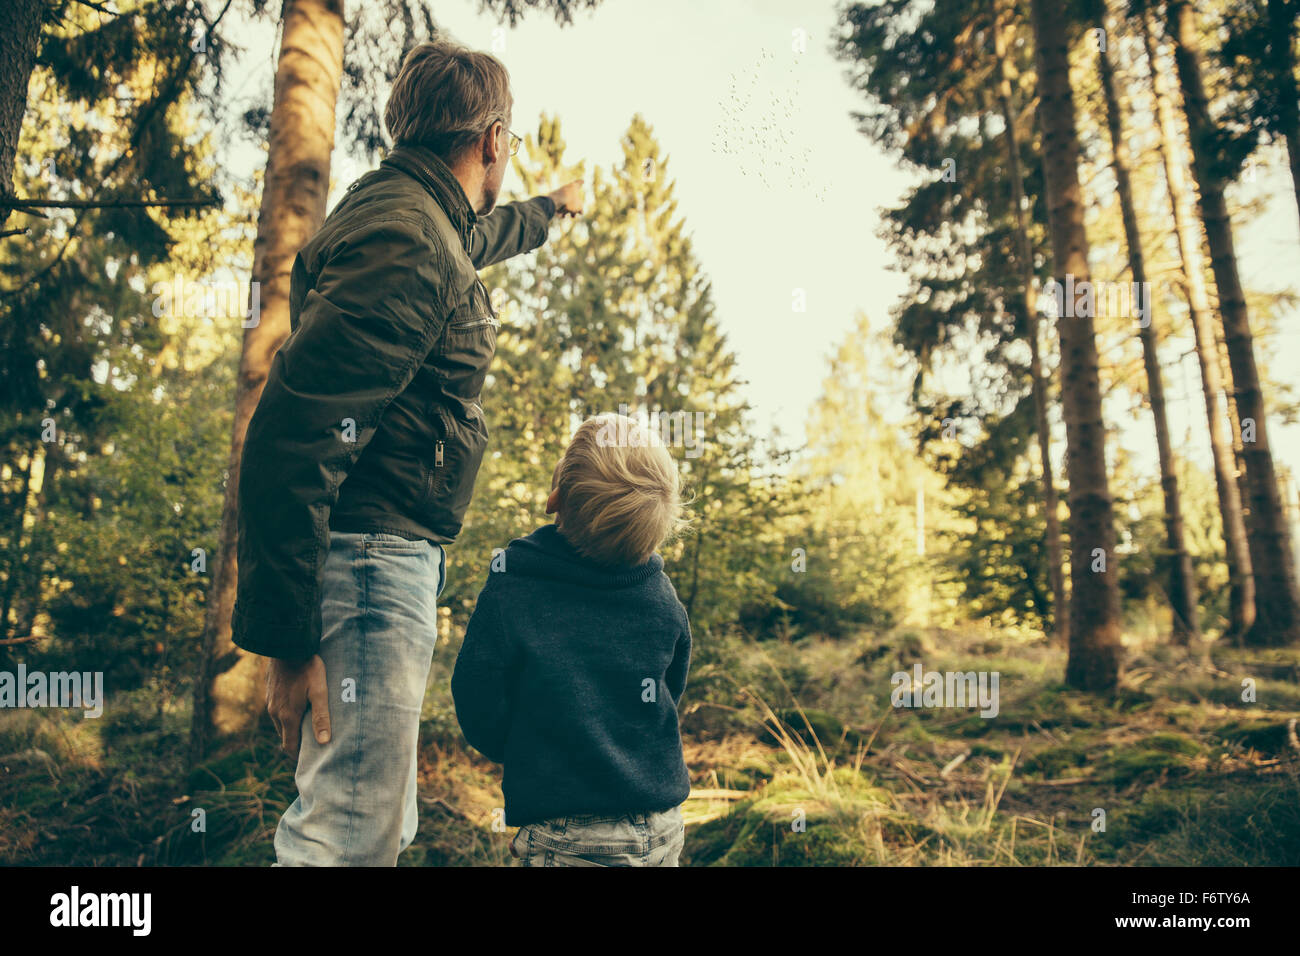 Uomo che mostra il bambino uno stormo di gru lasciando per l'inverno Immagini Stock